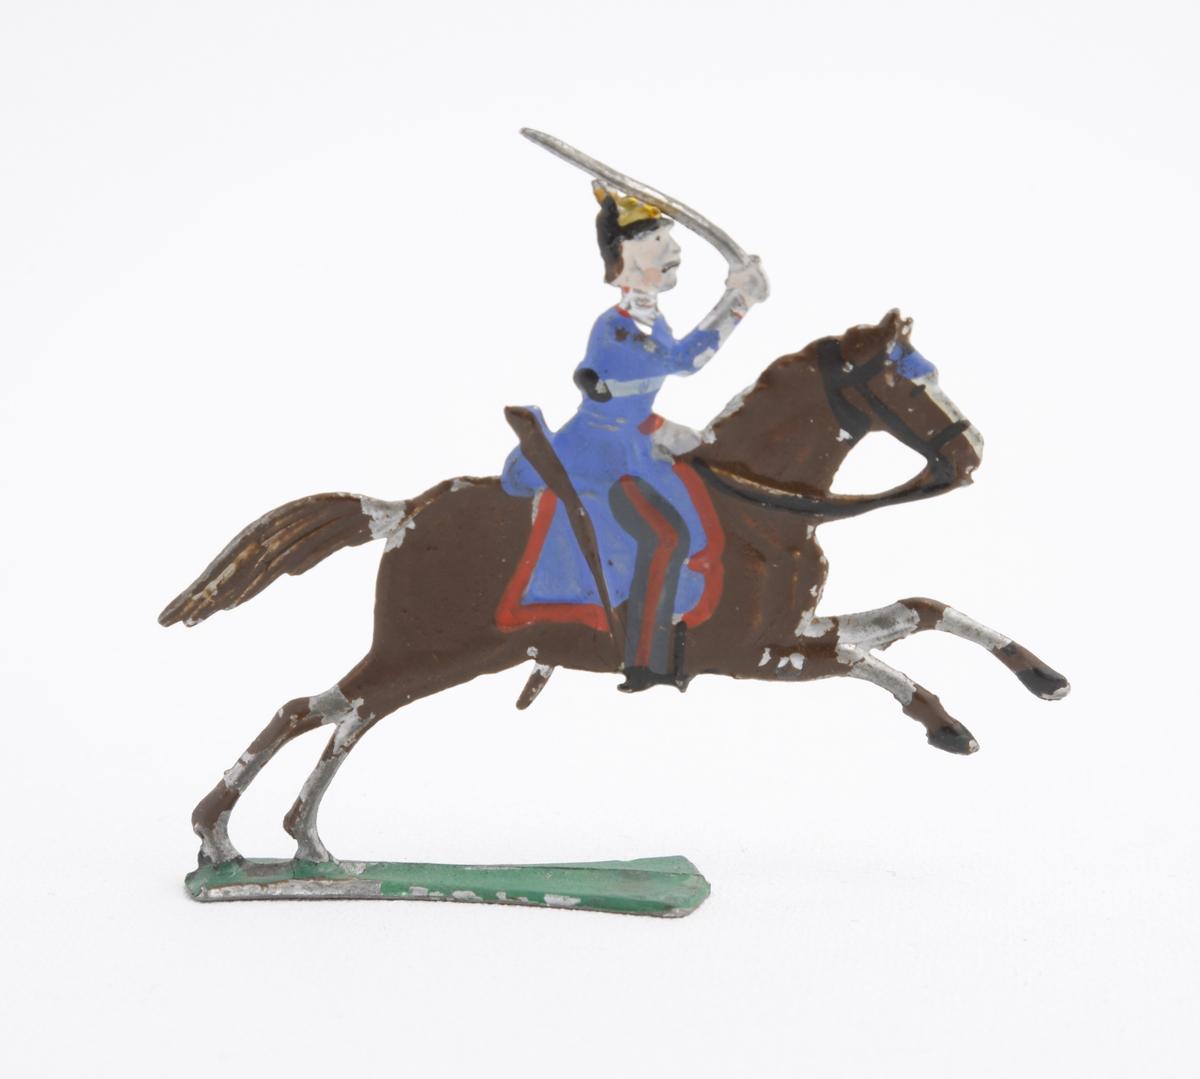 Ryttare i blå uniform, med koppel och pickelhuva, sittande till häst.